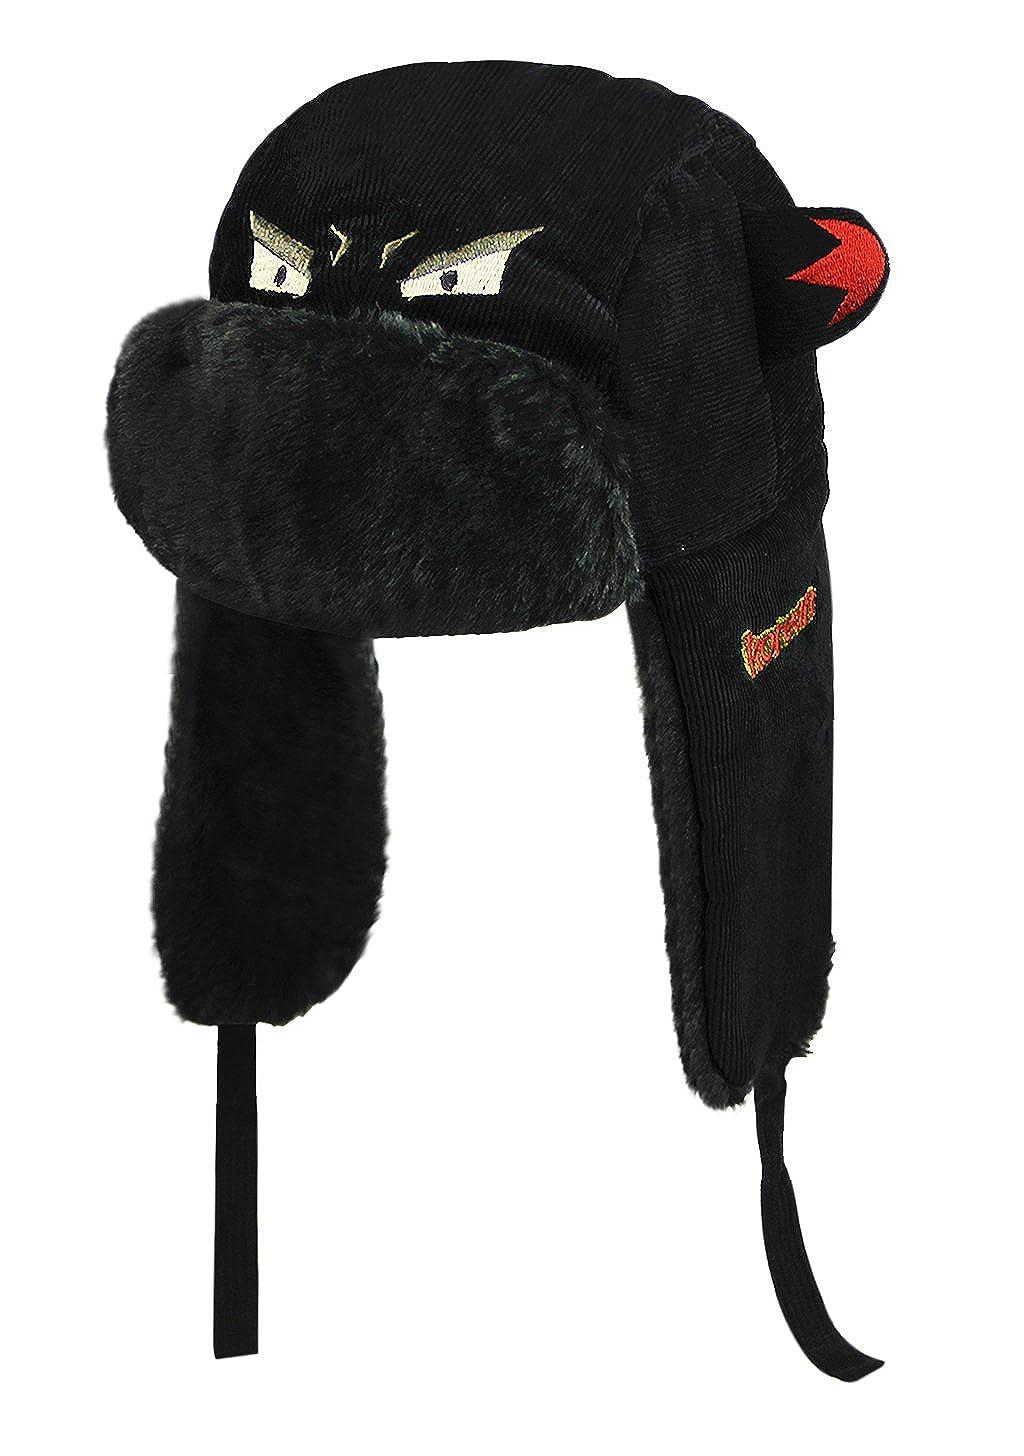 2c096ac07b8c3 Moonlove Chapka Enfant Fille Garçon Bonnet Chaud pour Enfant Bonnet Ski  Fille Garçon Cagoule Polaire Enfant Bonnet Cache Oreilles en Motif de  Cartoon pour ...